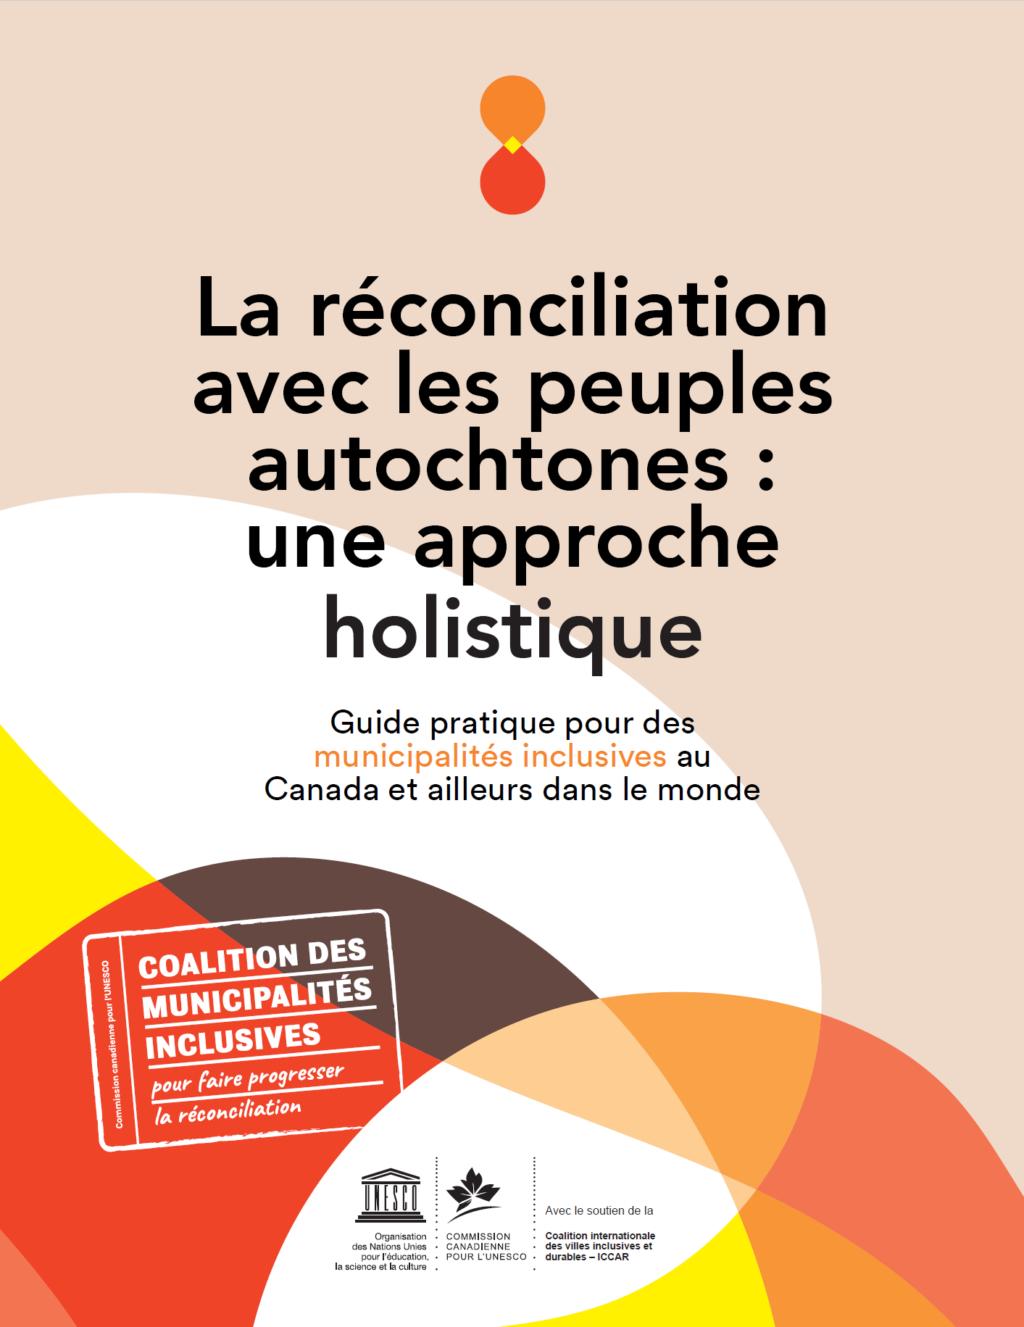 Guide pour la réconciliation avec les peuples autochtones